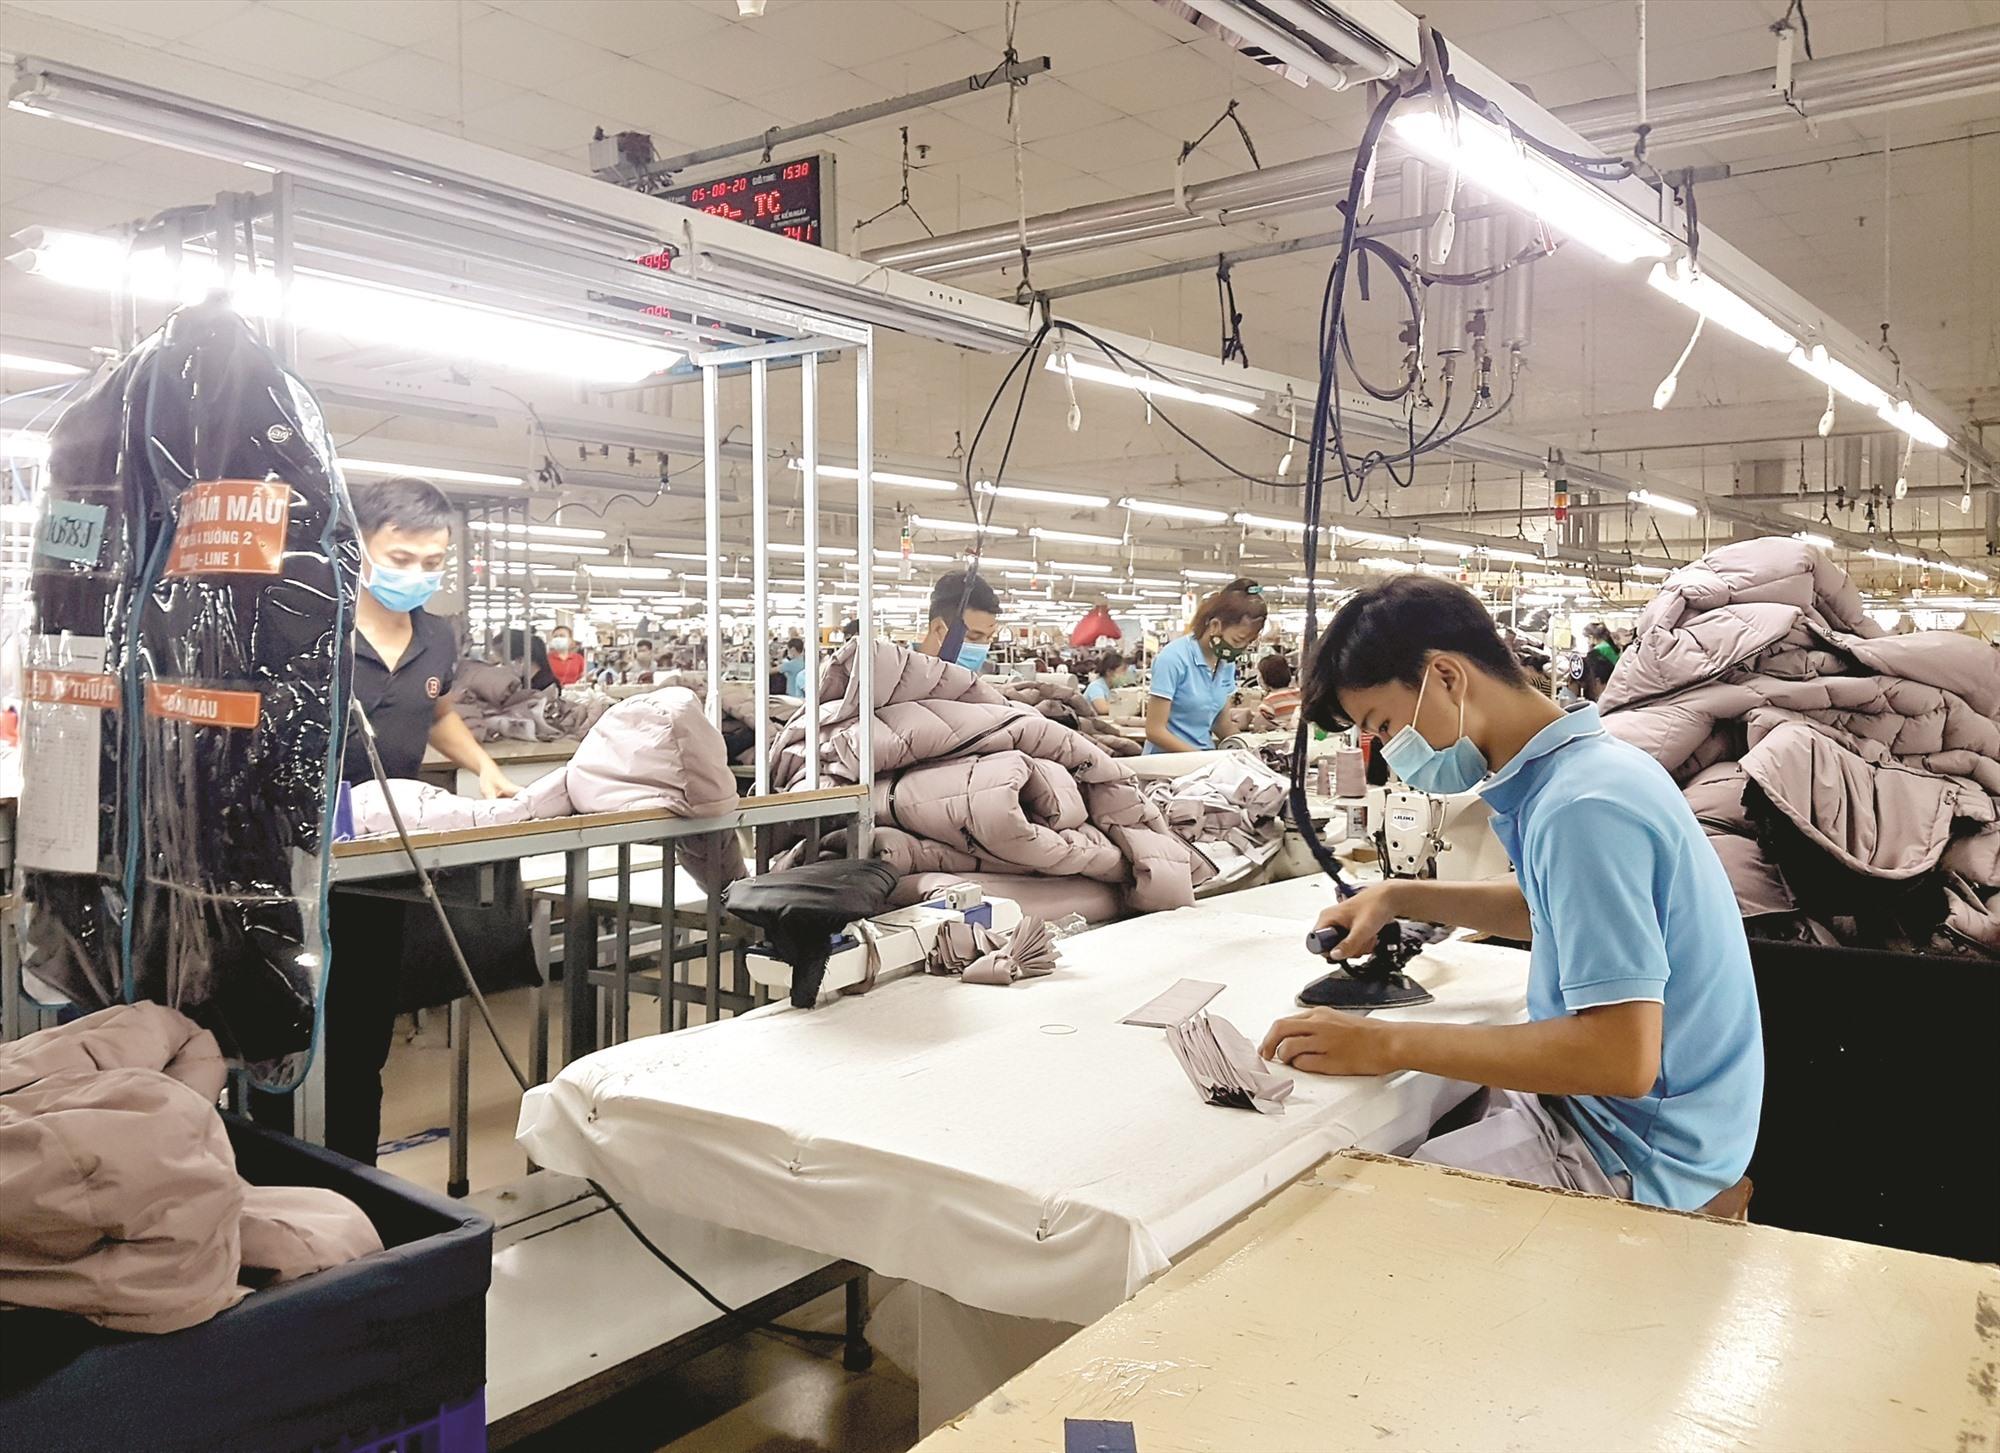 Quảng Nam đã yêu cầu các Khu công nghiệp, cơ sở kinh doanh sản xuất siết chặt quản lý và tăng cường các biện pháp phòng chống dịch. Ảnh; D.L